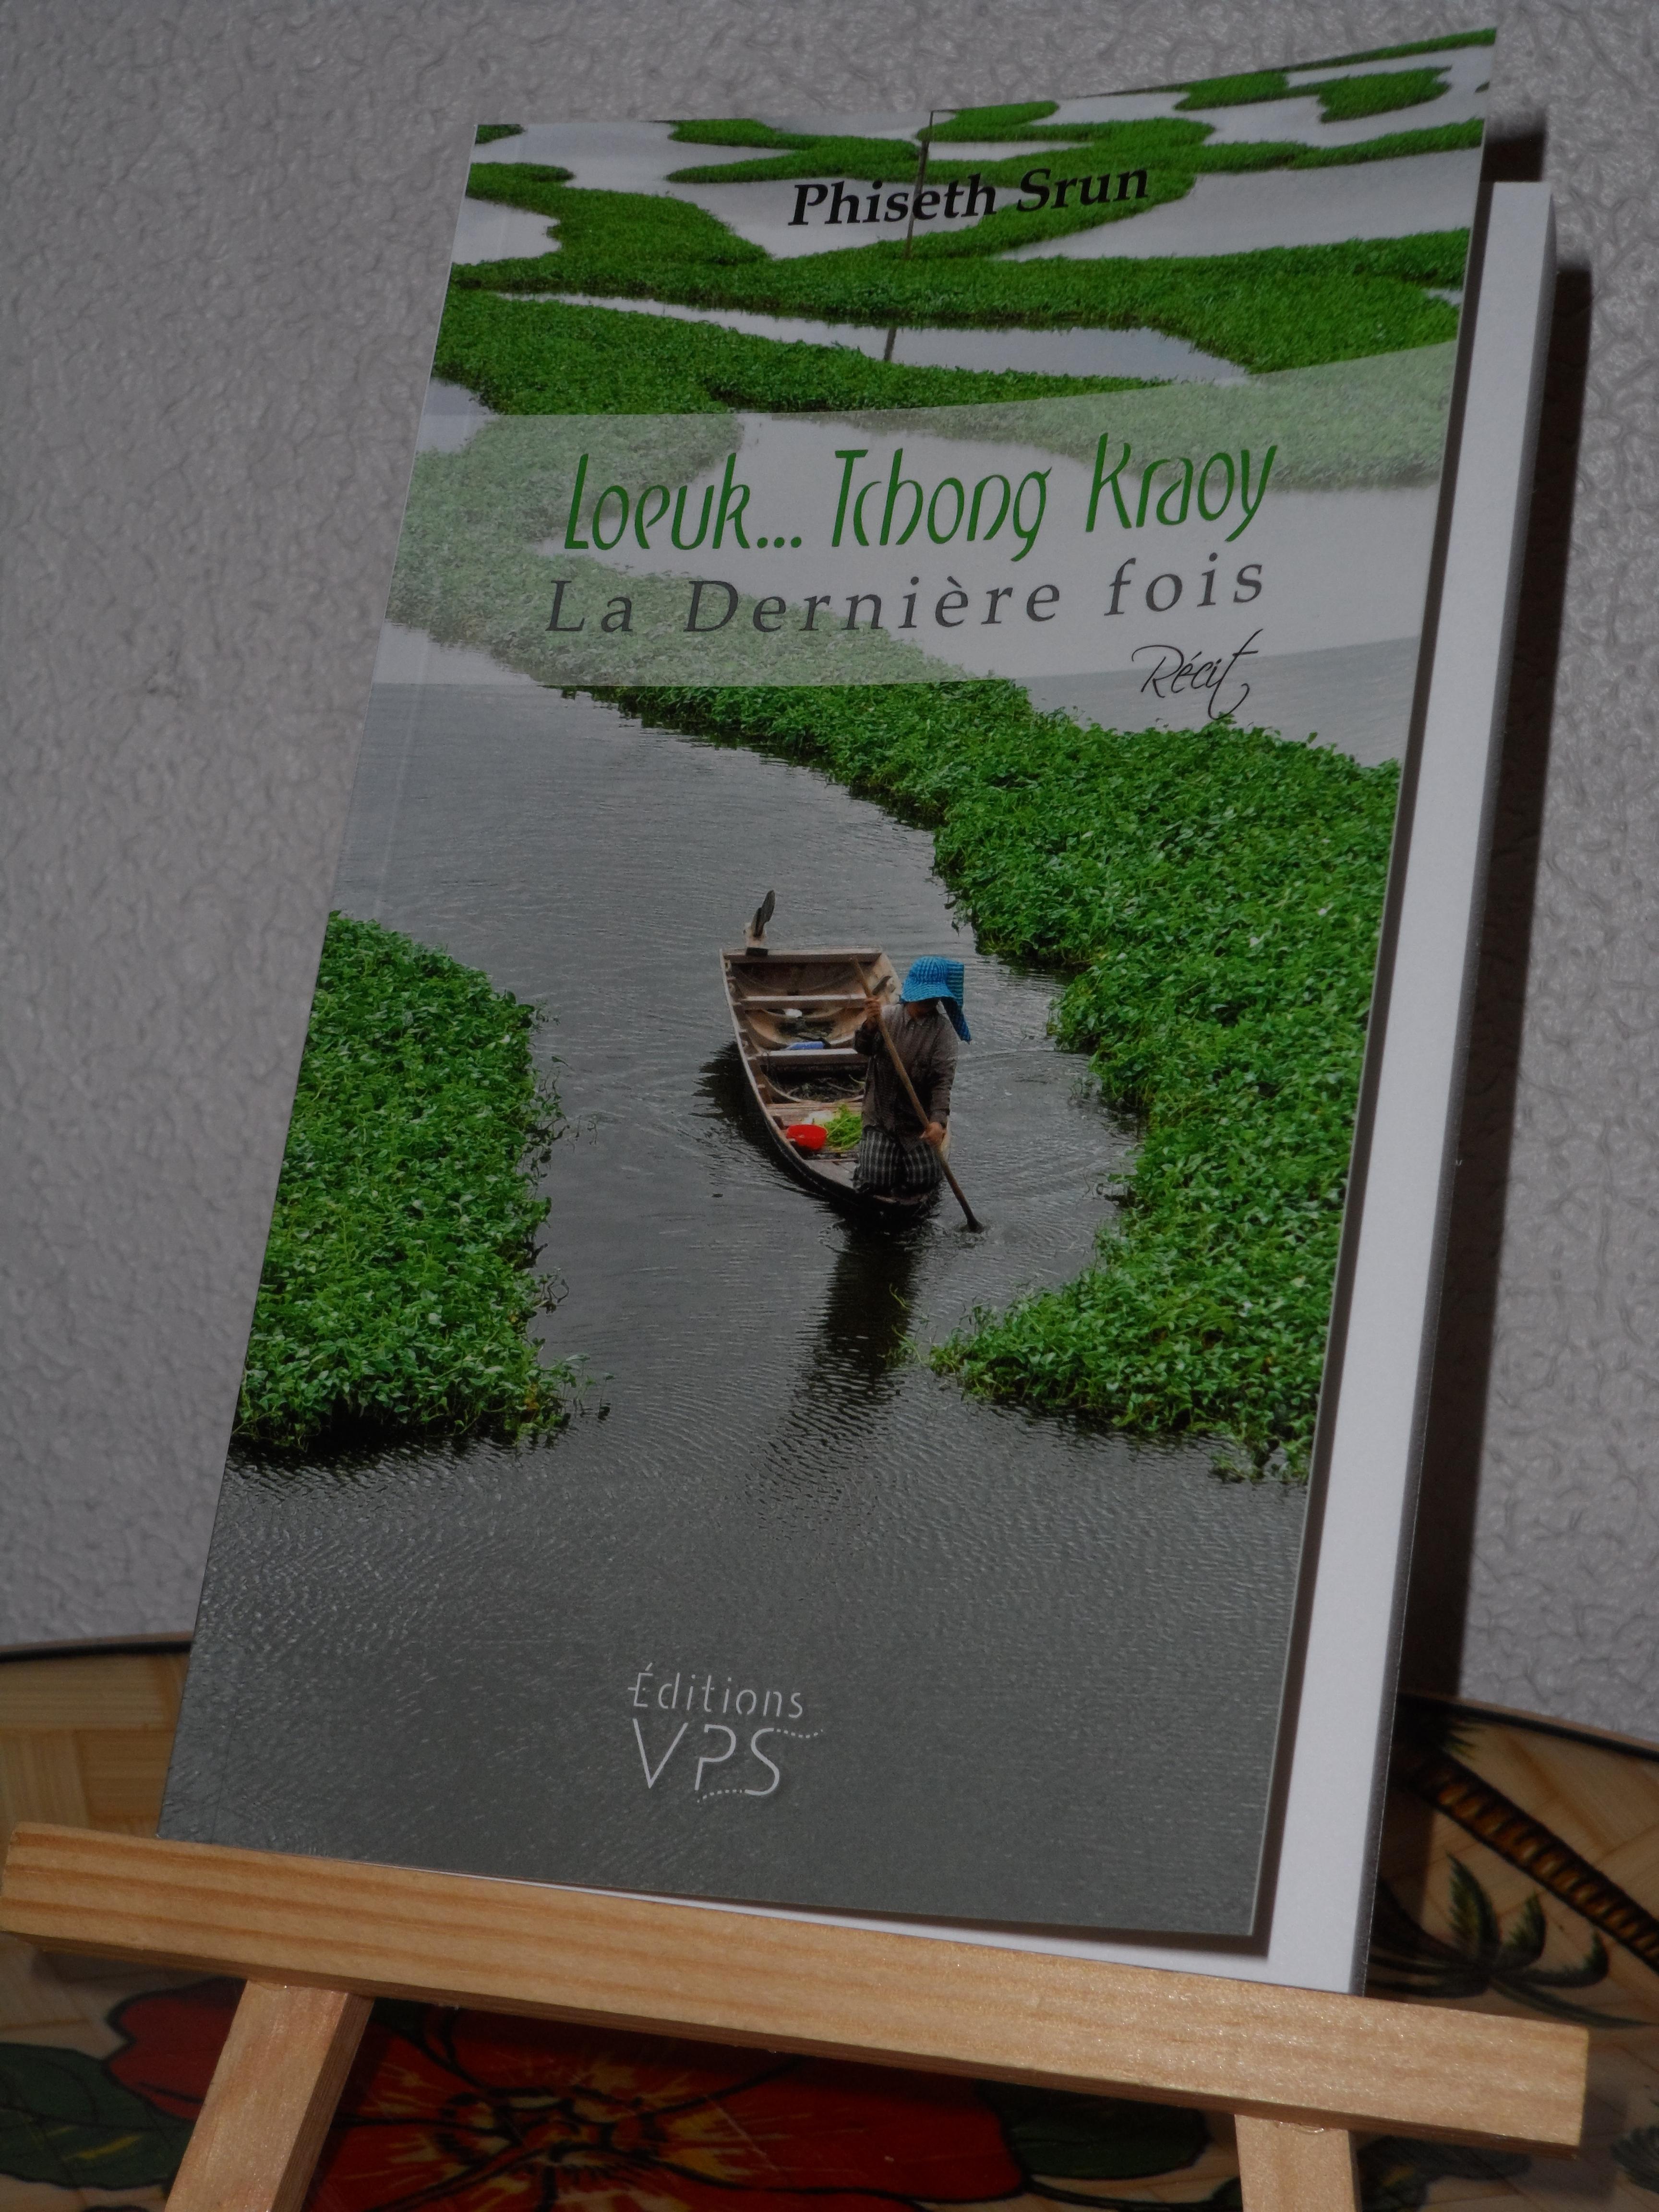 LOEUK...TCHONG KRAOY : LA DERNIERE FOIS